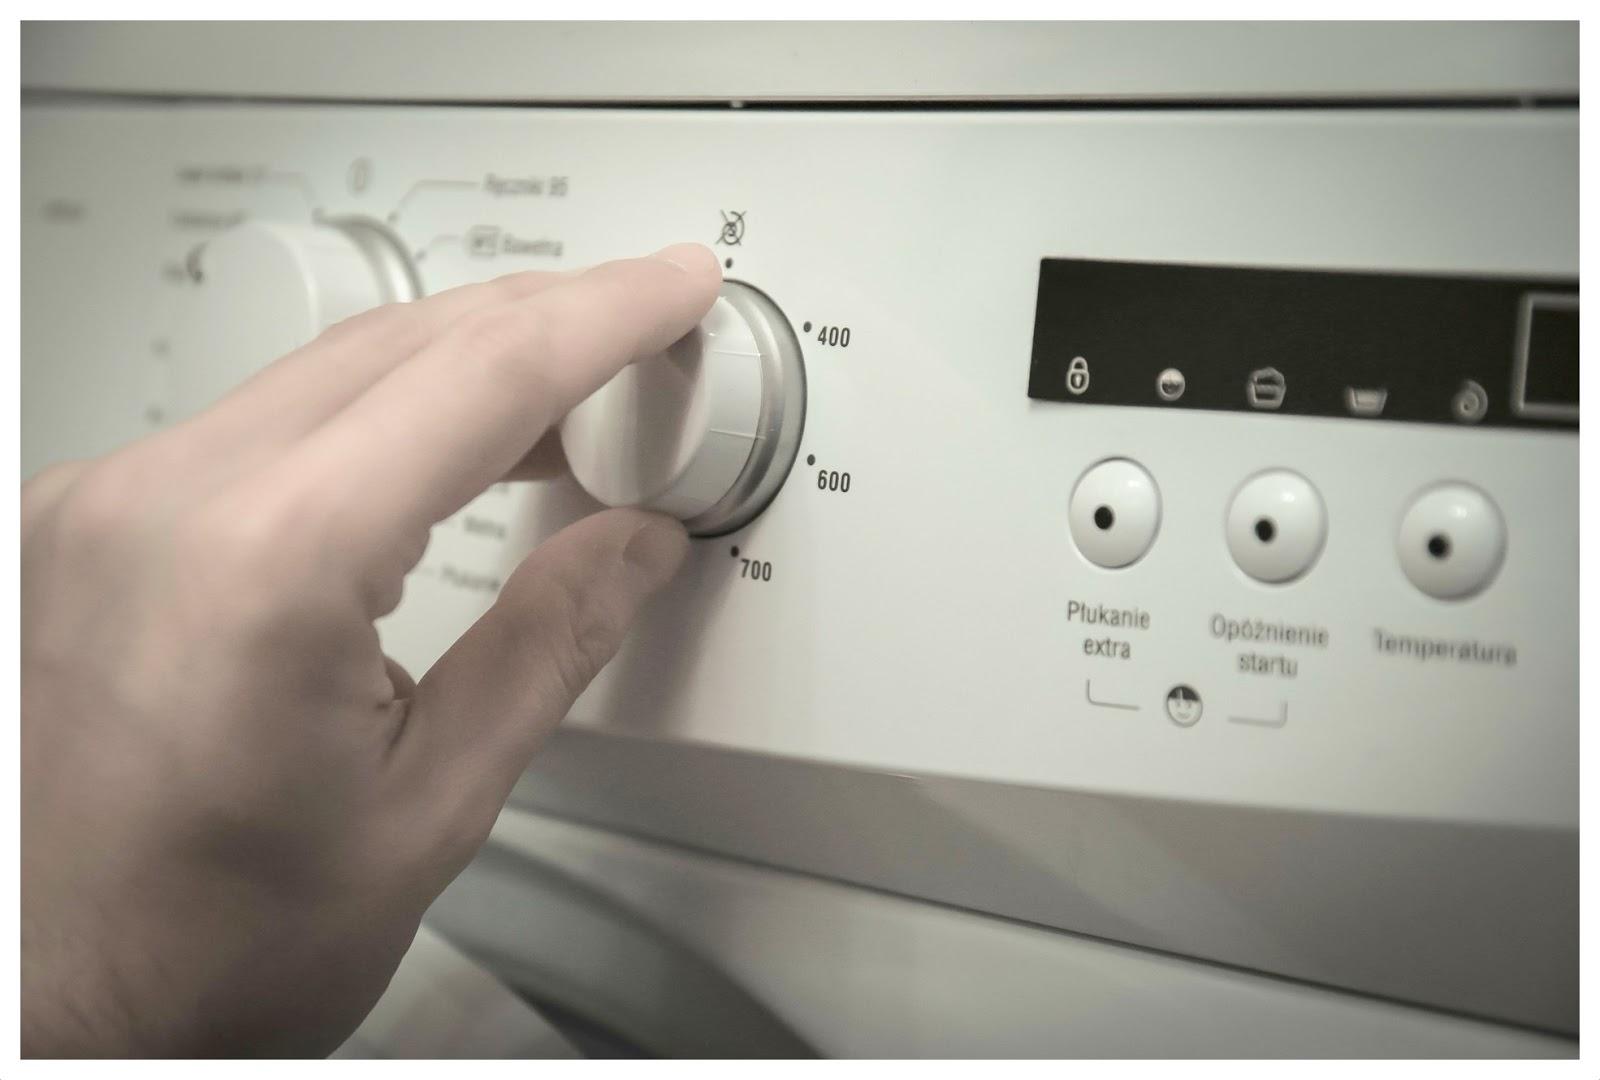 La Falsa Credenza : Bucato in lavatrice: 5 false credenze da sfatare maghella di casa